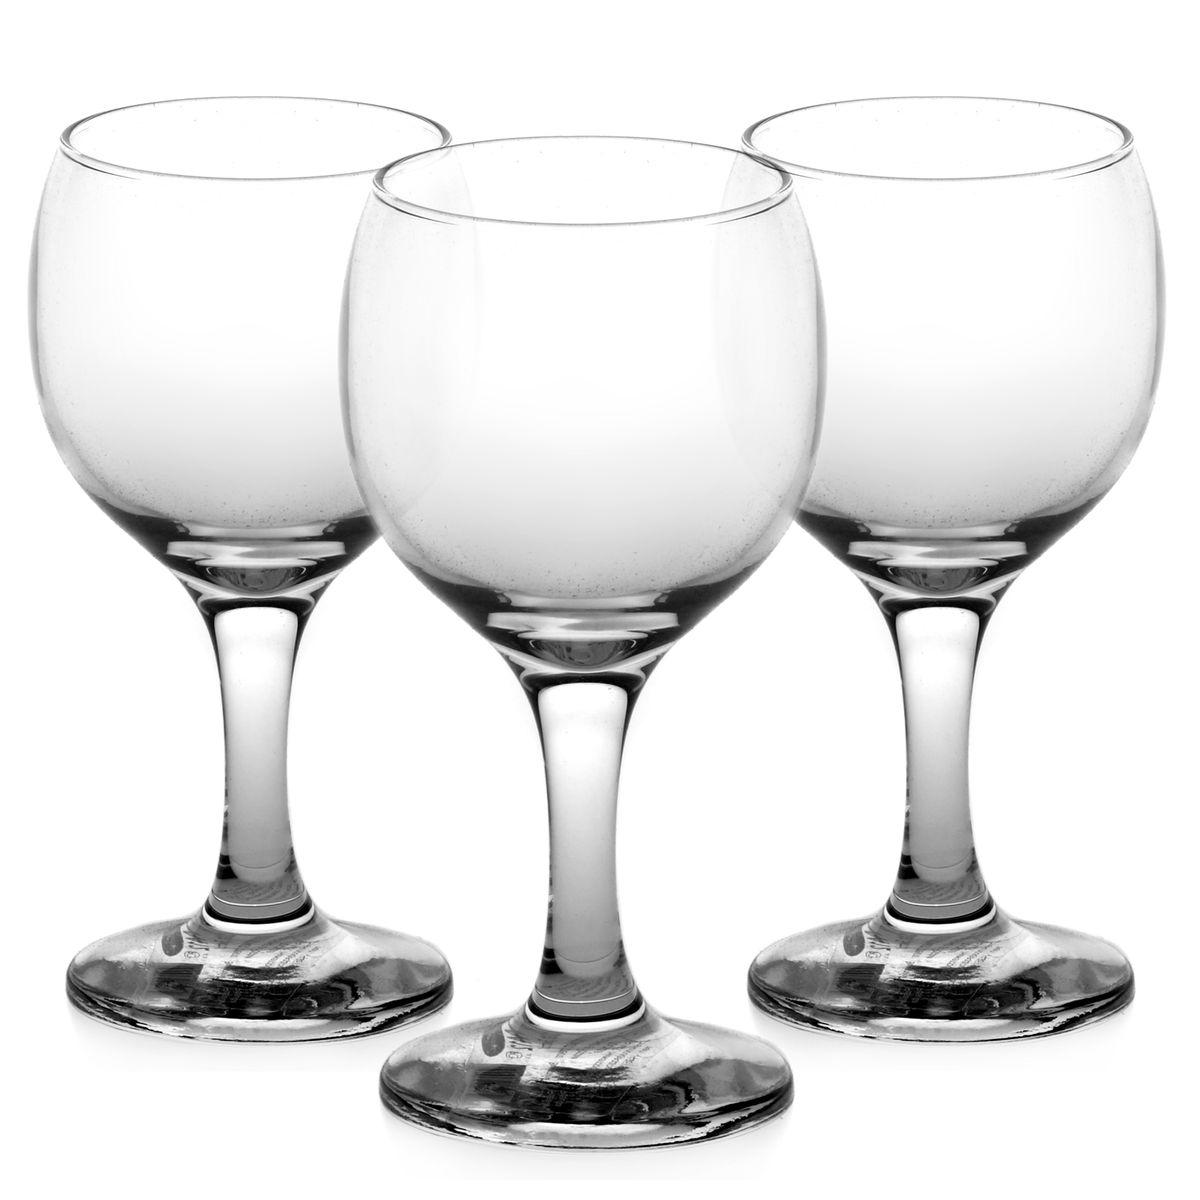 Набор бокалов для белого вина Pasabahce Bistro, 175 мл, 3 шт44415BНабор Pasabahce Bistro состоит из трех бокалов, изготовленных из прочного натрий-кальций-силикатного стекла. Изделия, предназначенные для подачи белого вина, несомненно придутся вам по душе. Бокалы сочетают в себе элегантный дизайн и функциональность. Благодаря такому набору пить напитки будет еще вкуснее. Набор бокалов Pasabahce Bistro идеально подойдет для сервировки стола и станет отличным подарком к любому празднику. Можно мыть в посудомоечной машине и использовать в микроволновой печи. Диаметр бокала по верхнему краю: 6 см. Высота бокала: 13 см.